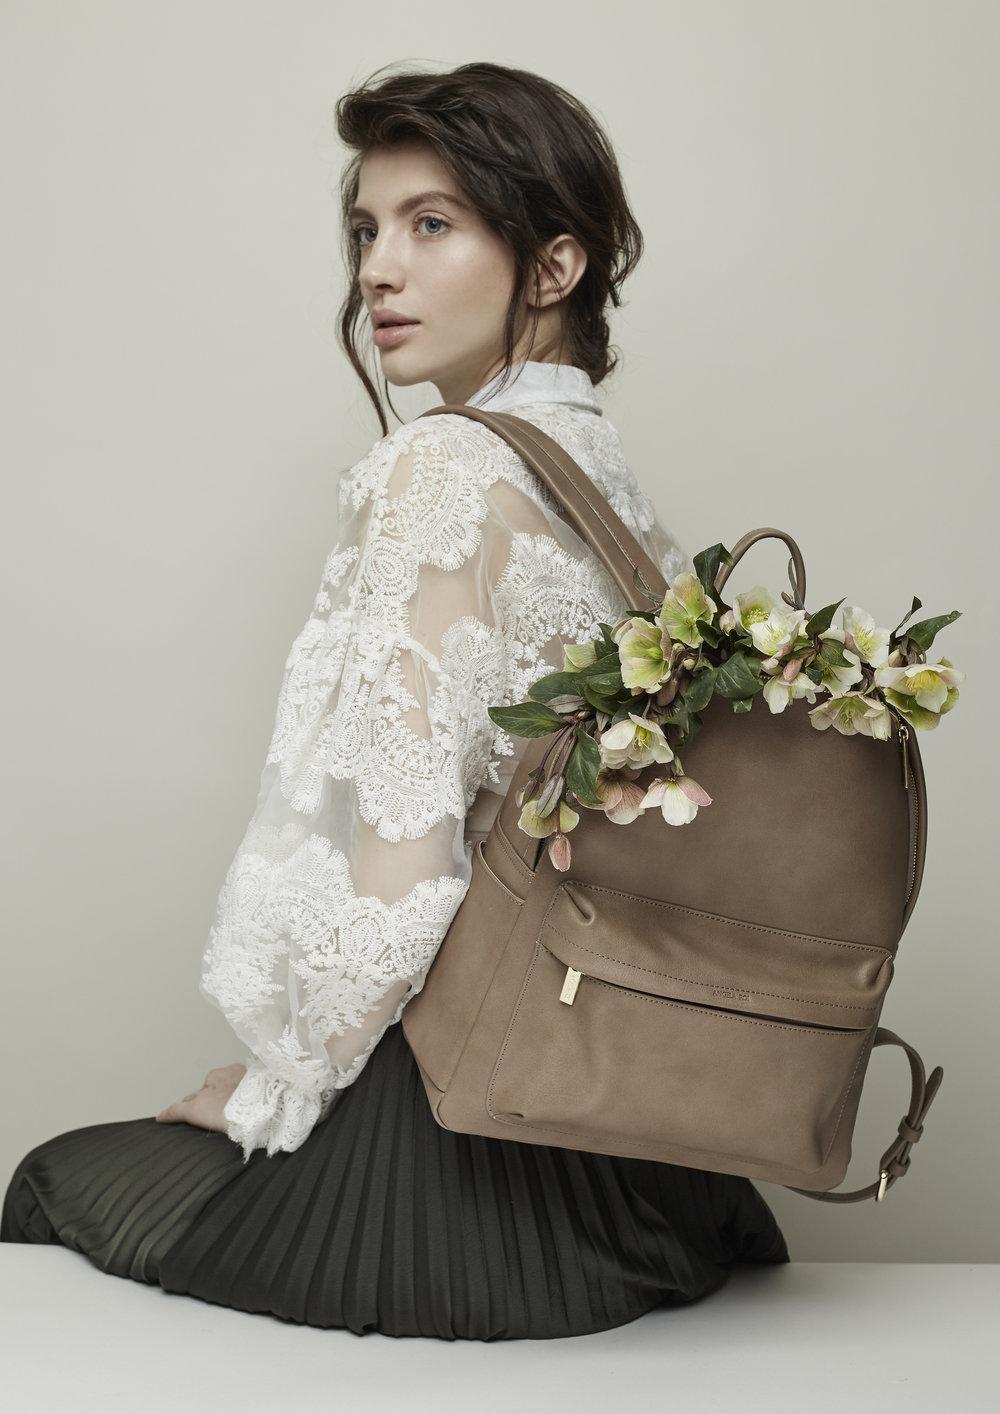 Luxury vegan backpack